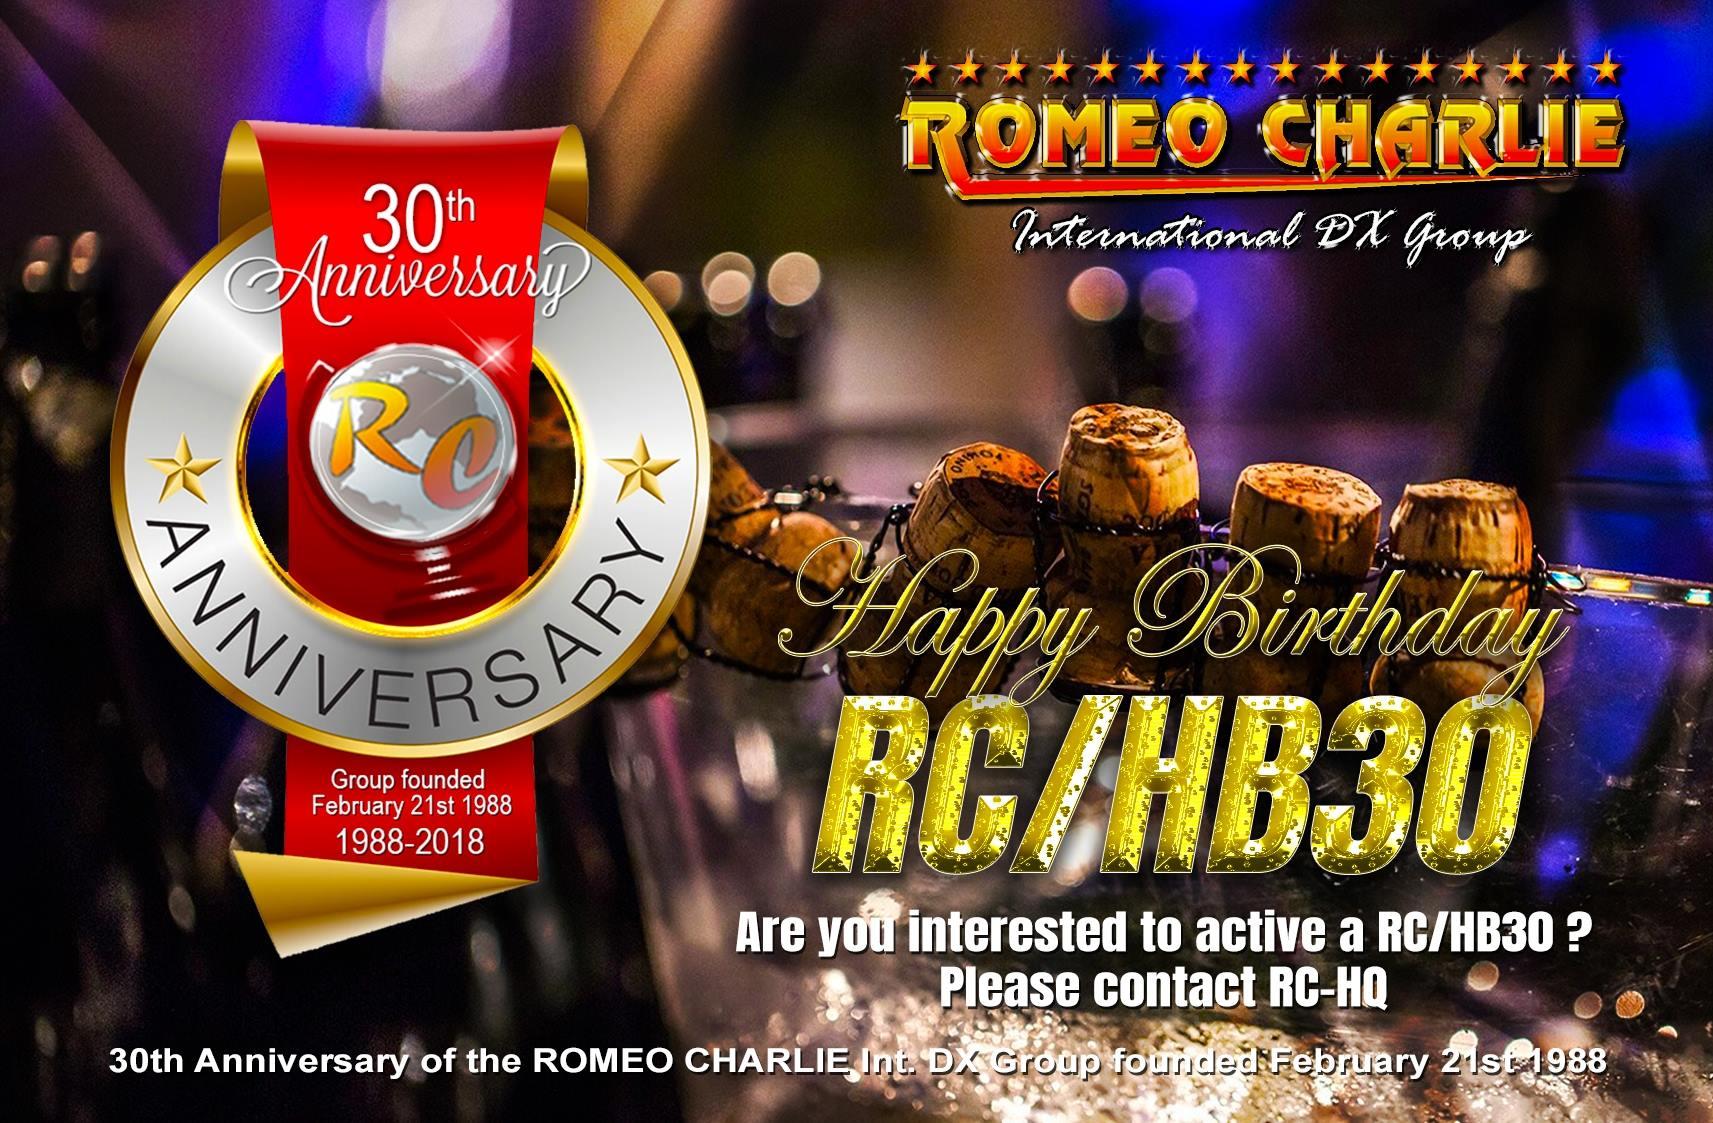 RCHB30